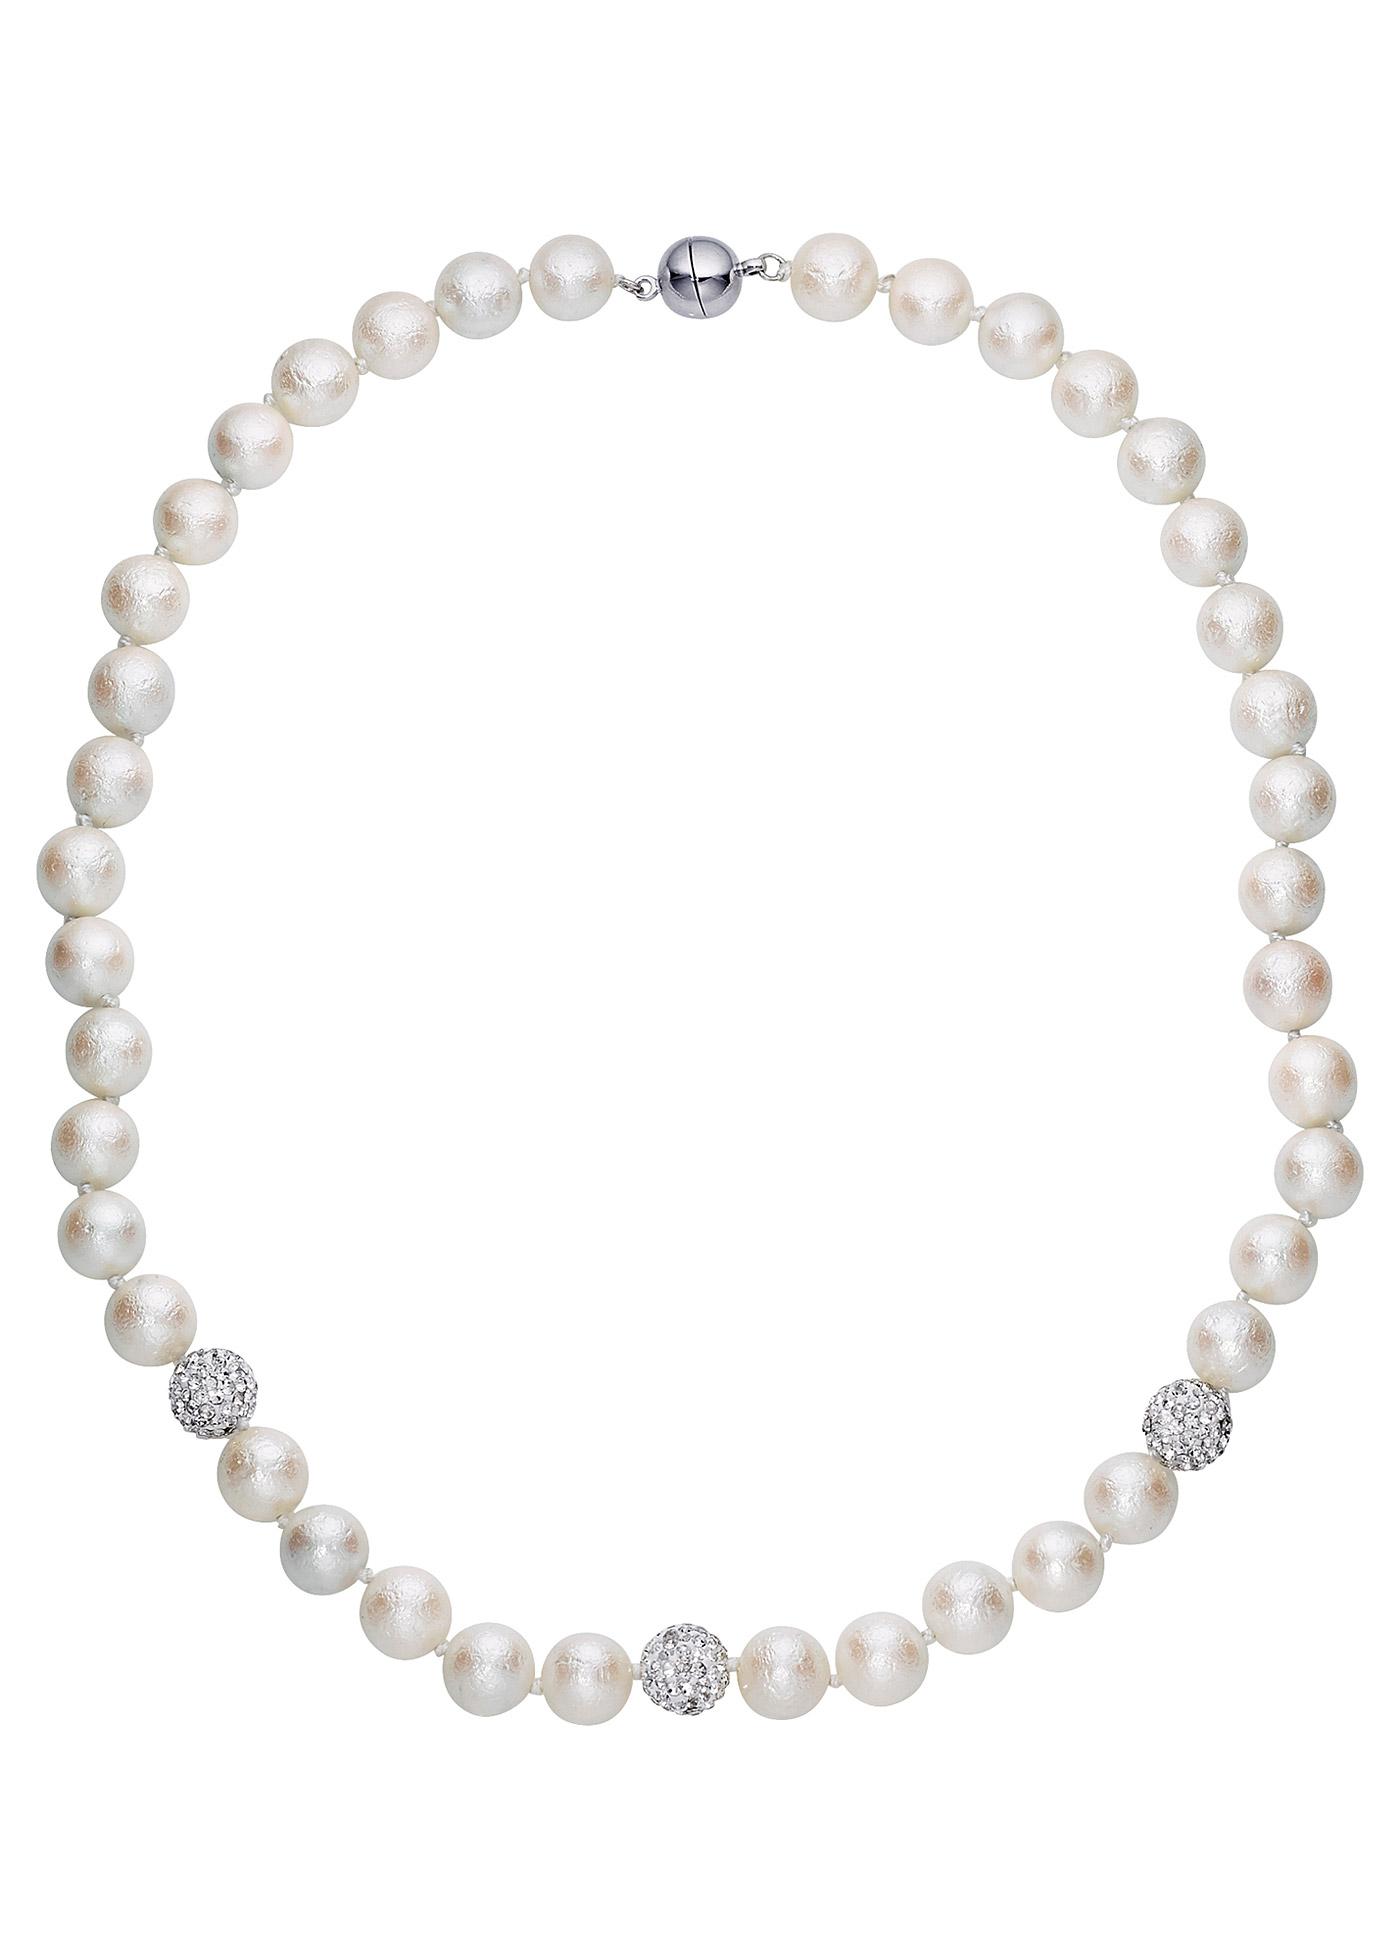 Donnez un style original à votre tenue ! À porter avec le bracelet de la même série en perles imitation culture pour une allure élégante.